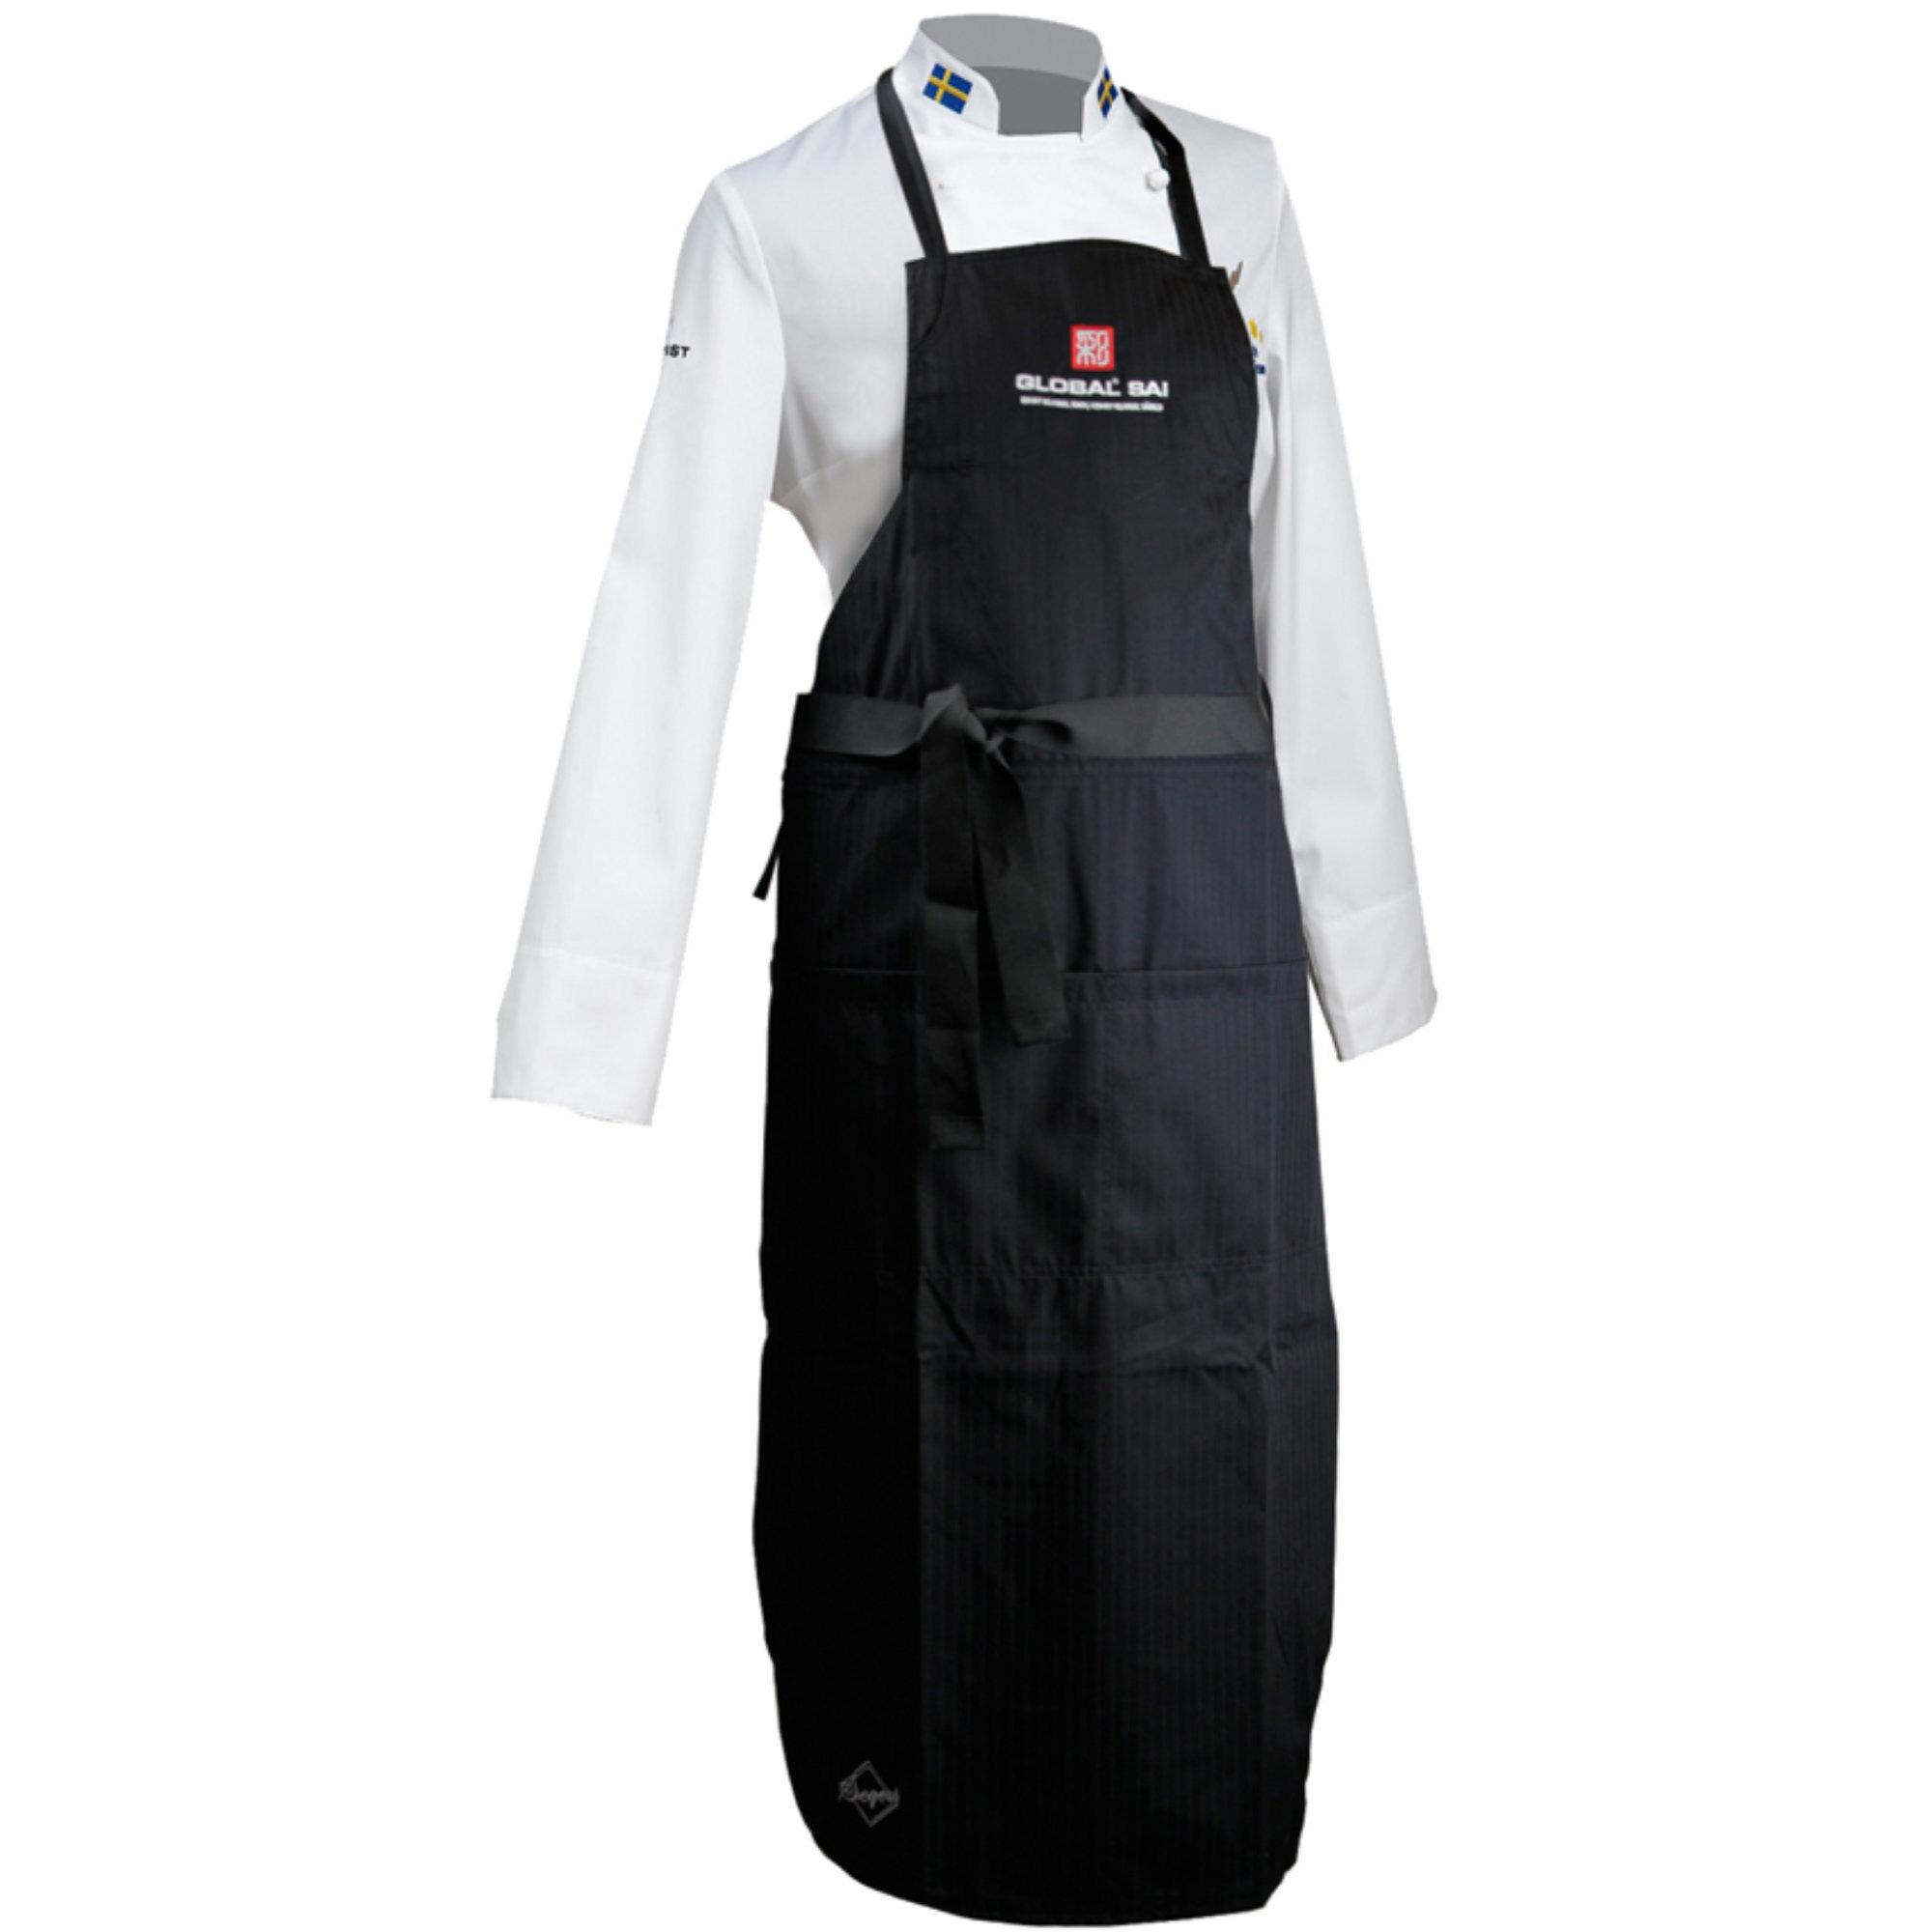 Global SAI Bröstlappsförkläde med logga på fickan